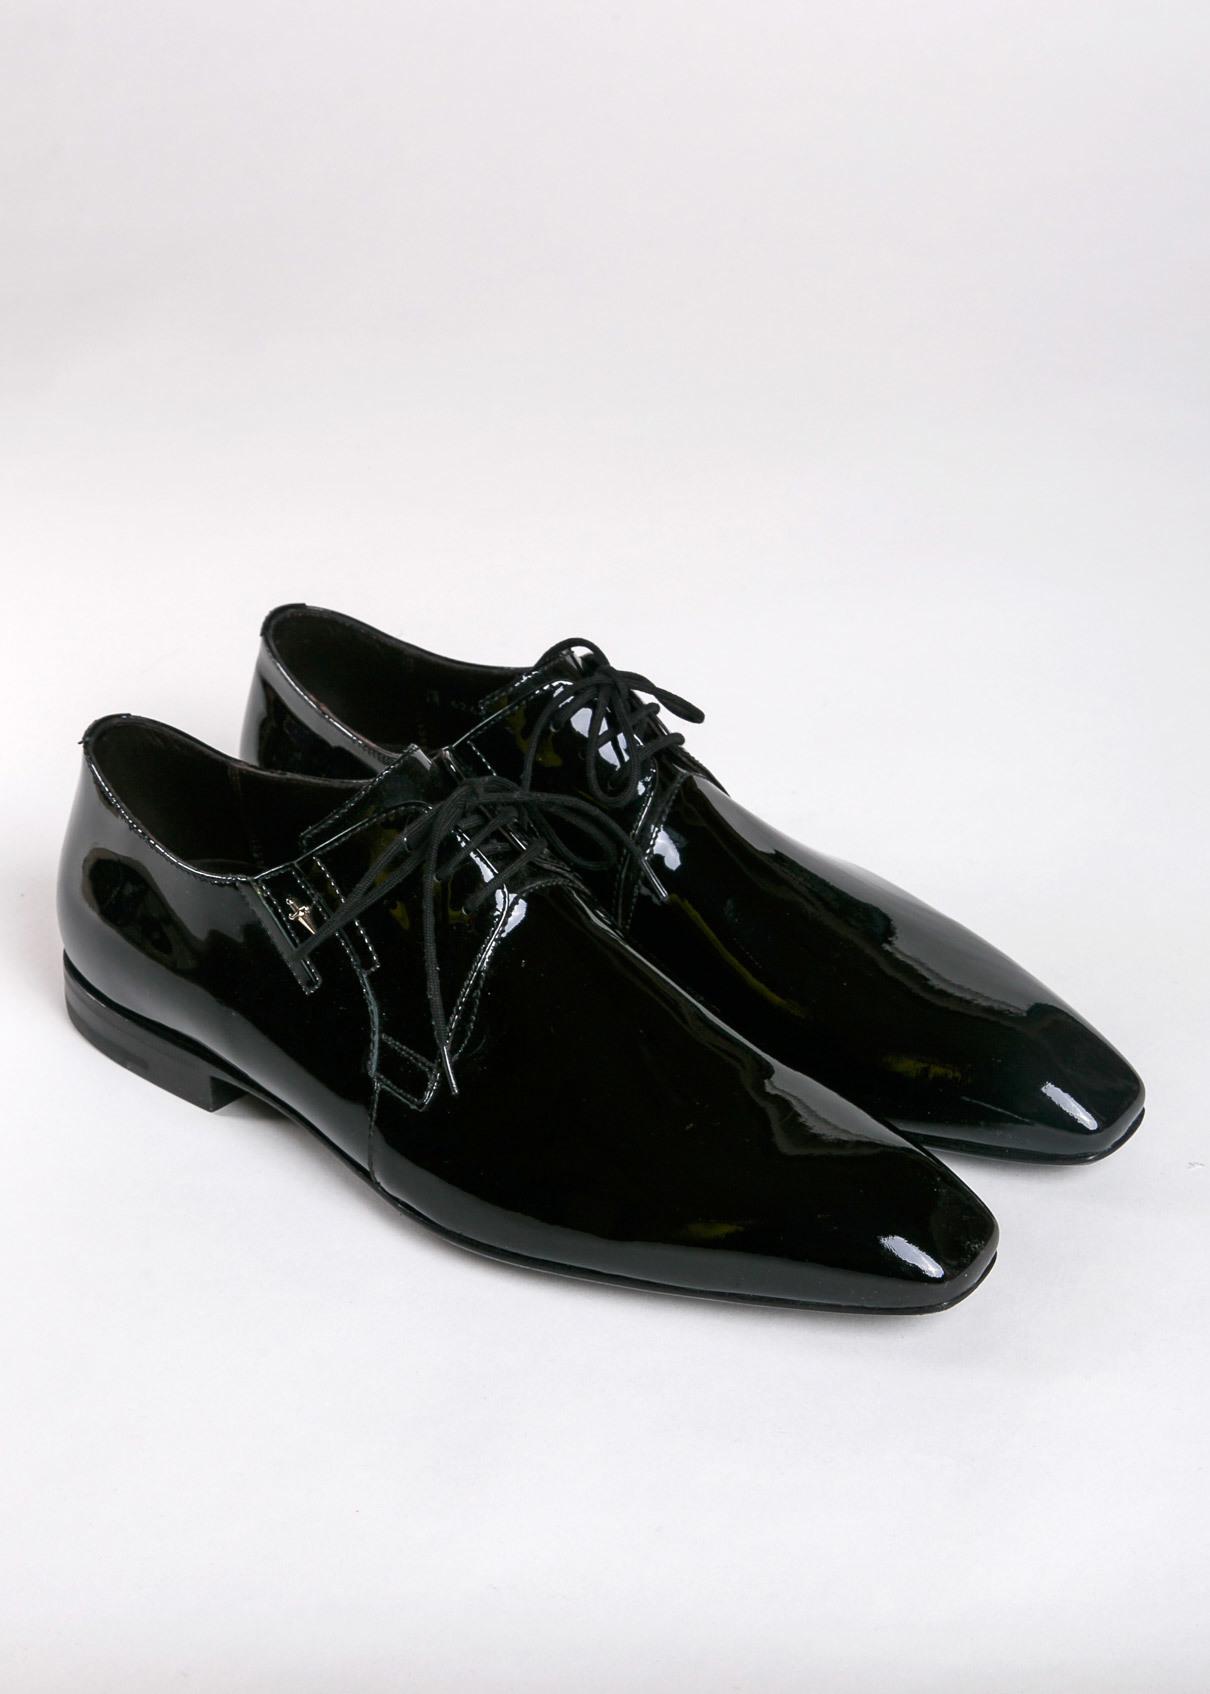 Туфли CESARE PACIOTTI - купить официальный оригинал с доставкой в ... cae8a8413e6